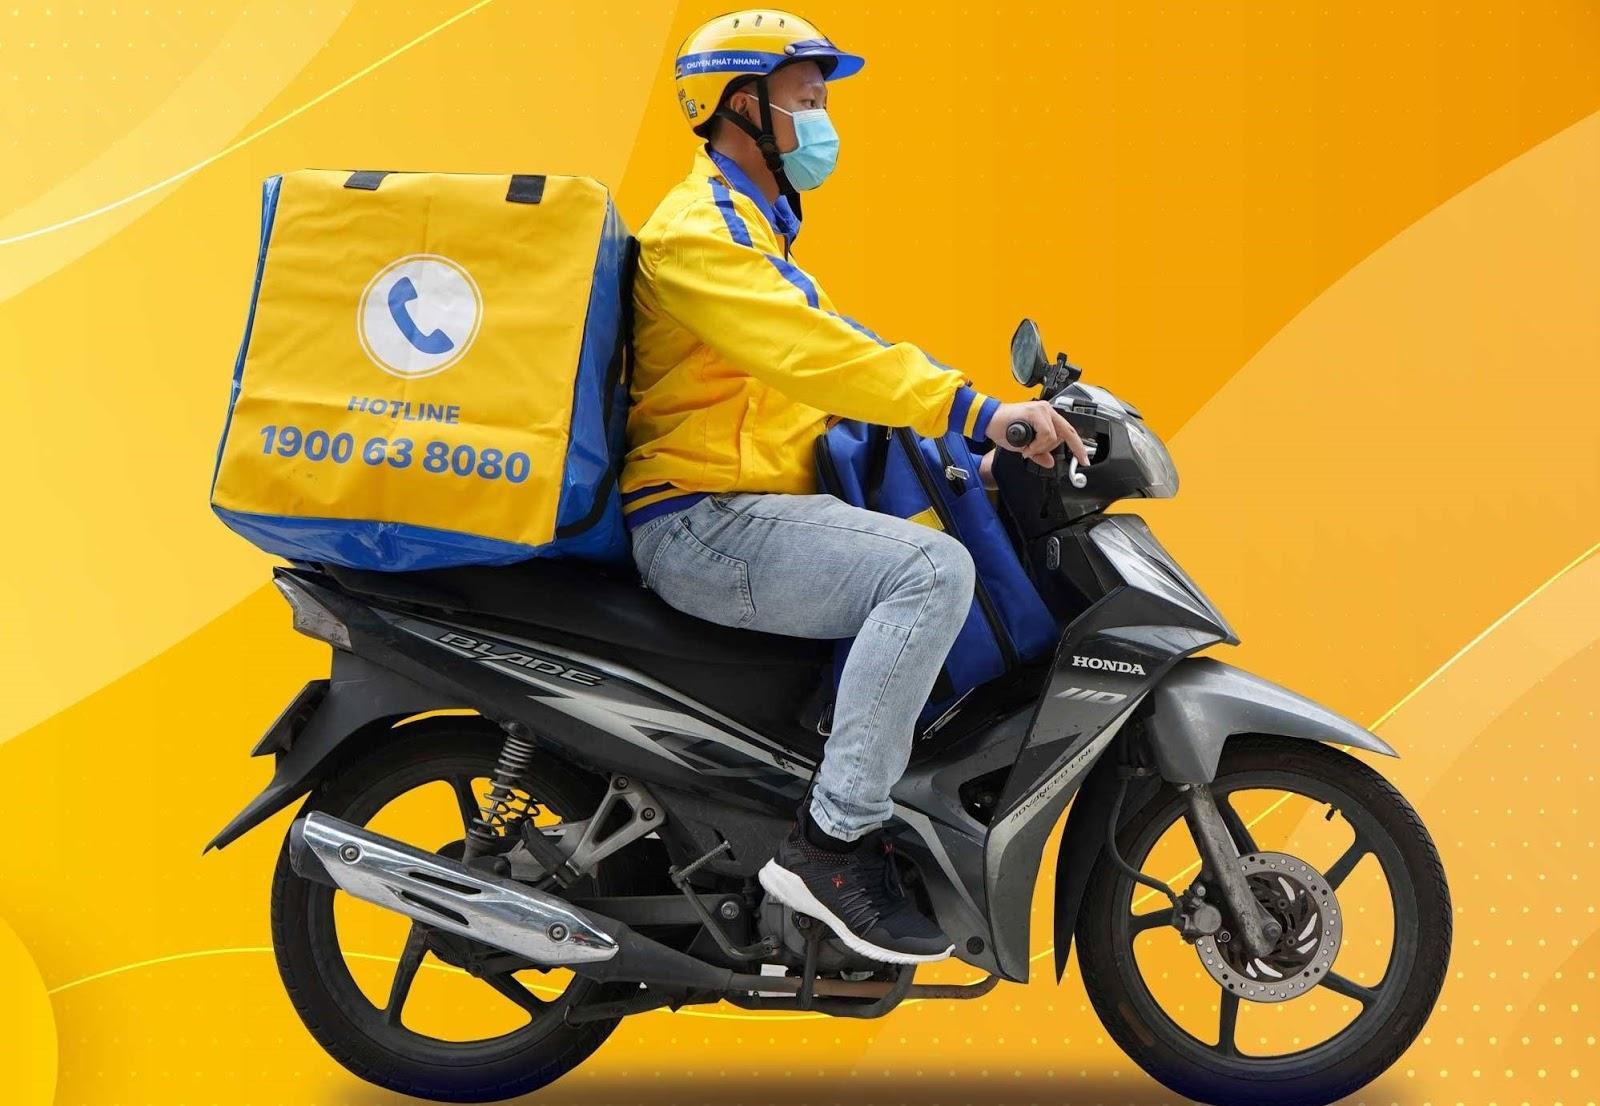 Chuyển phát tiêu chuẩn bằng xe máy cần đảm bảo tiêu chí gì?